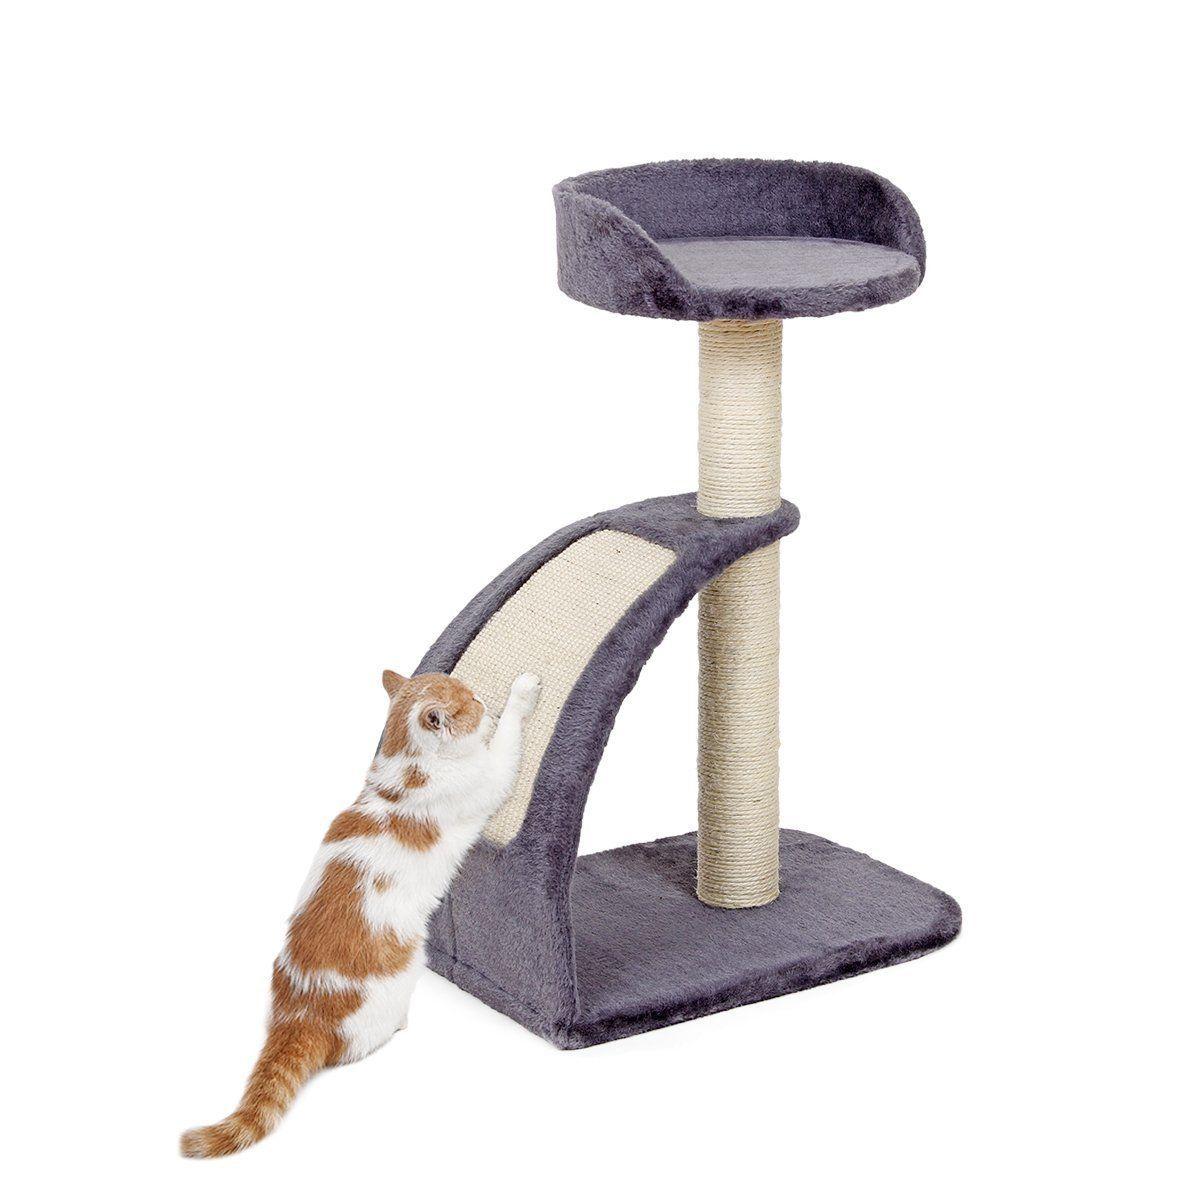 Sabart Pawz Road Cat Tree Pet Scratcher Kitten Scratching Post